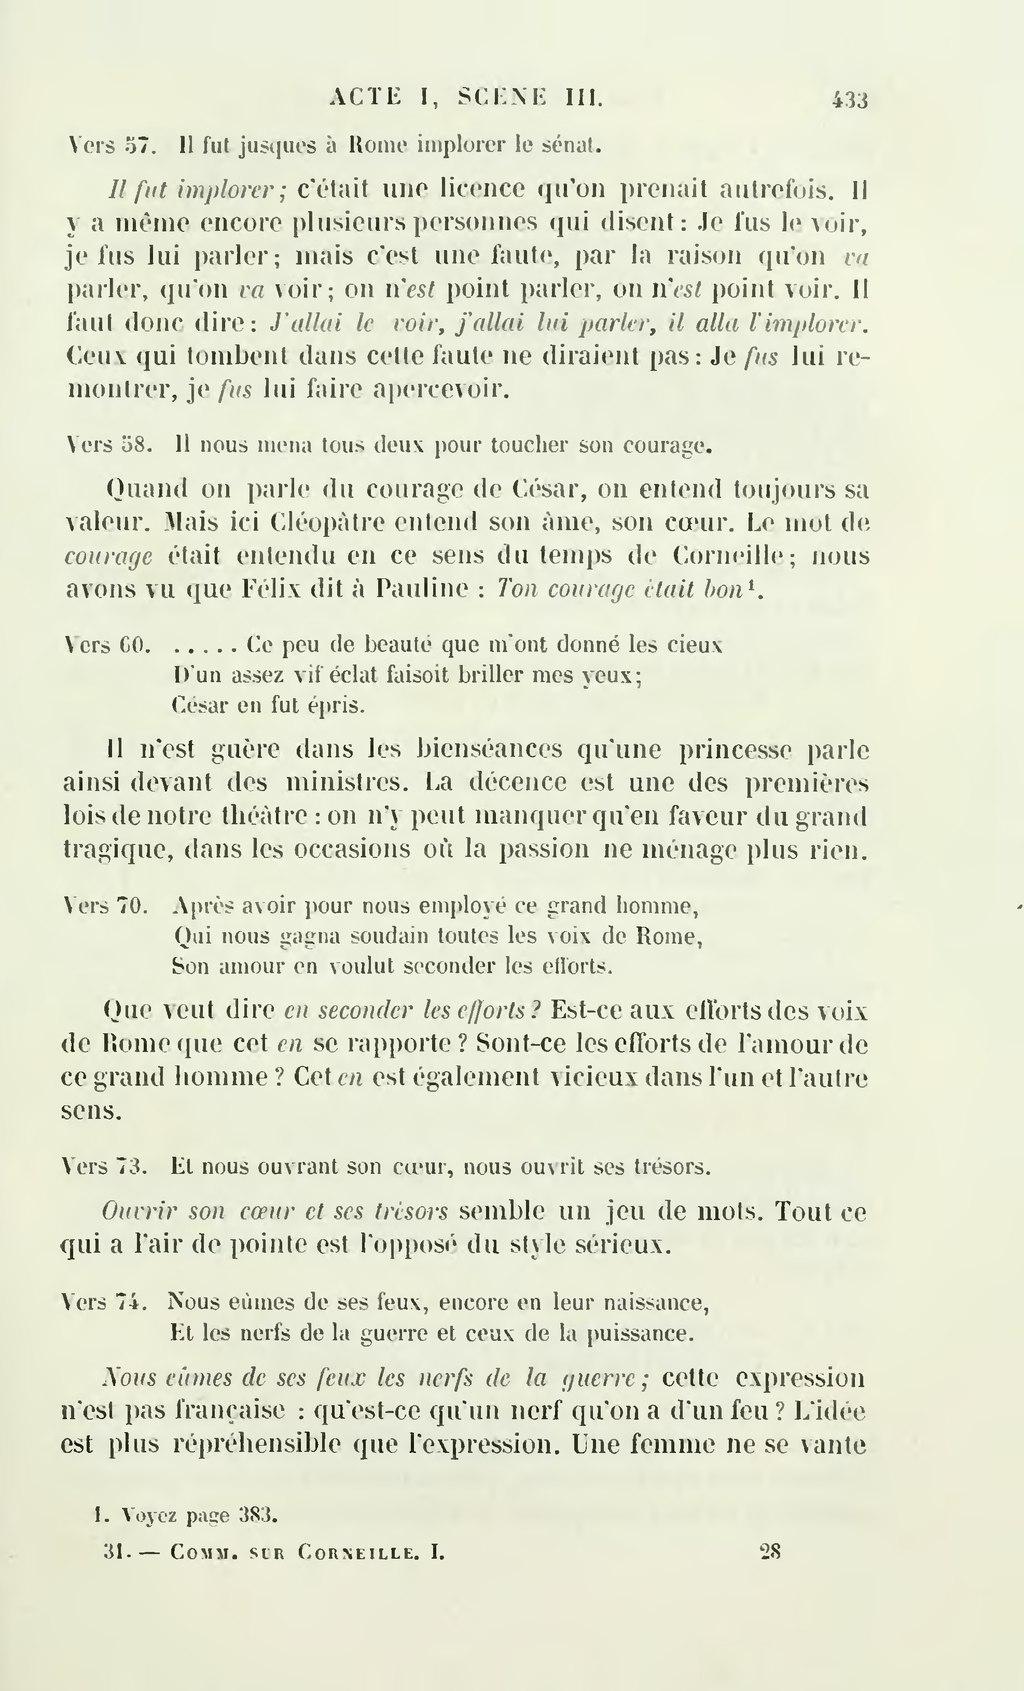 84c85ac481e6 Page Voltaire - Œuvres complètes Garnier tome31.djvu 443 - Wikisource